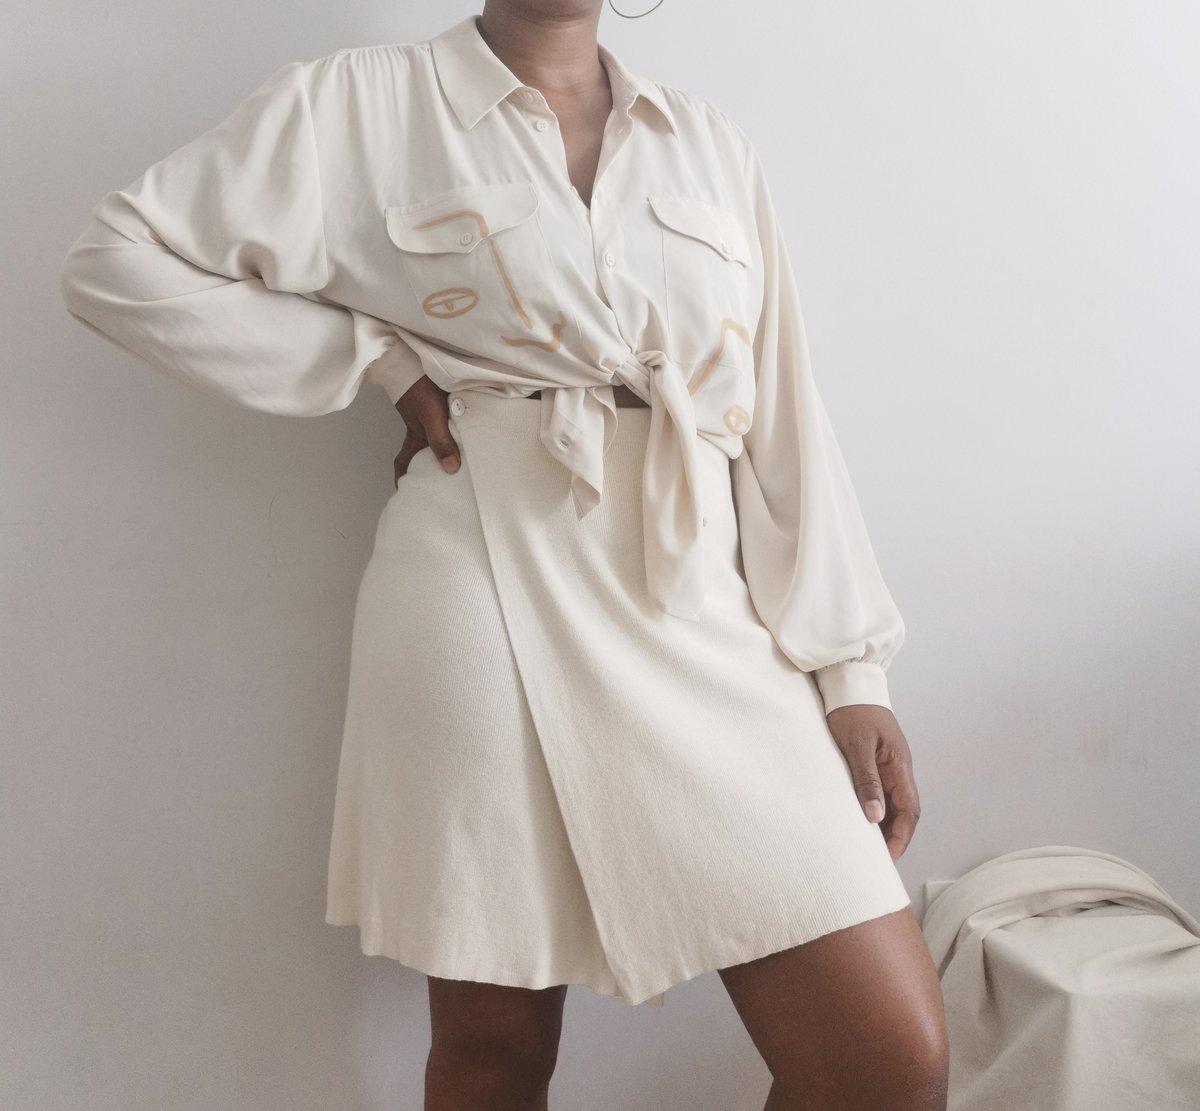 Image of wool ra skirt